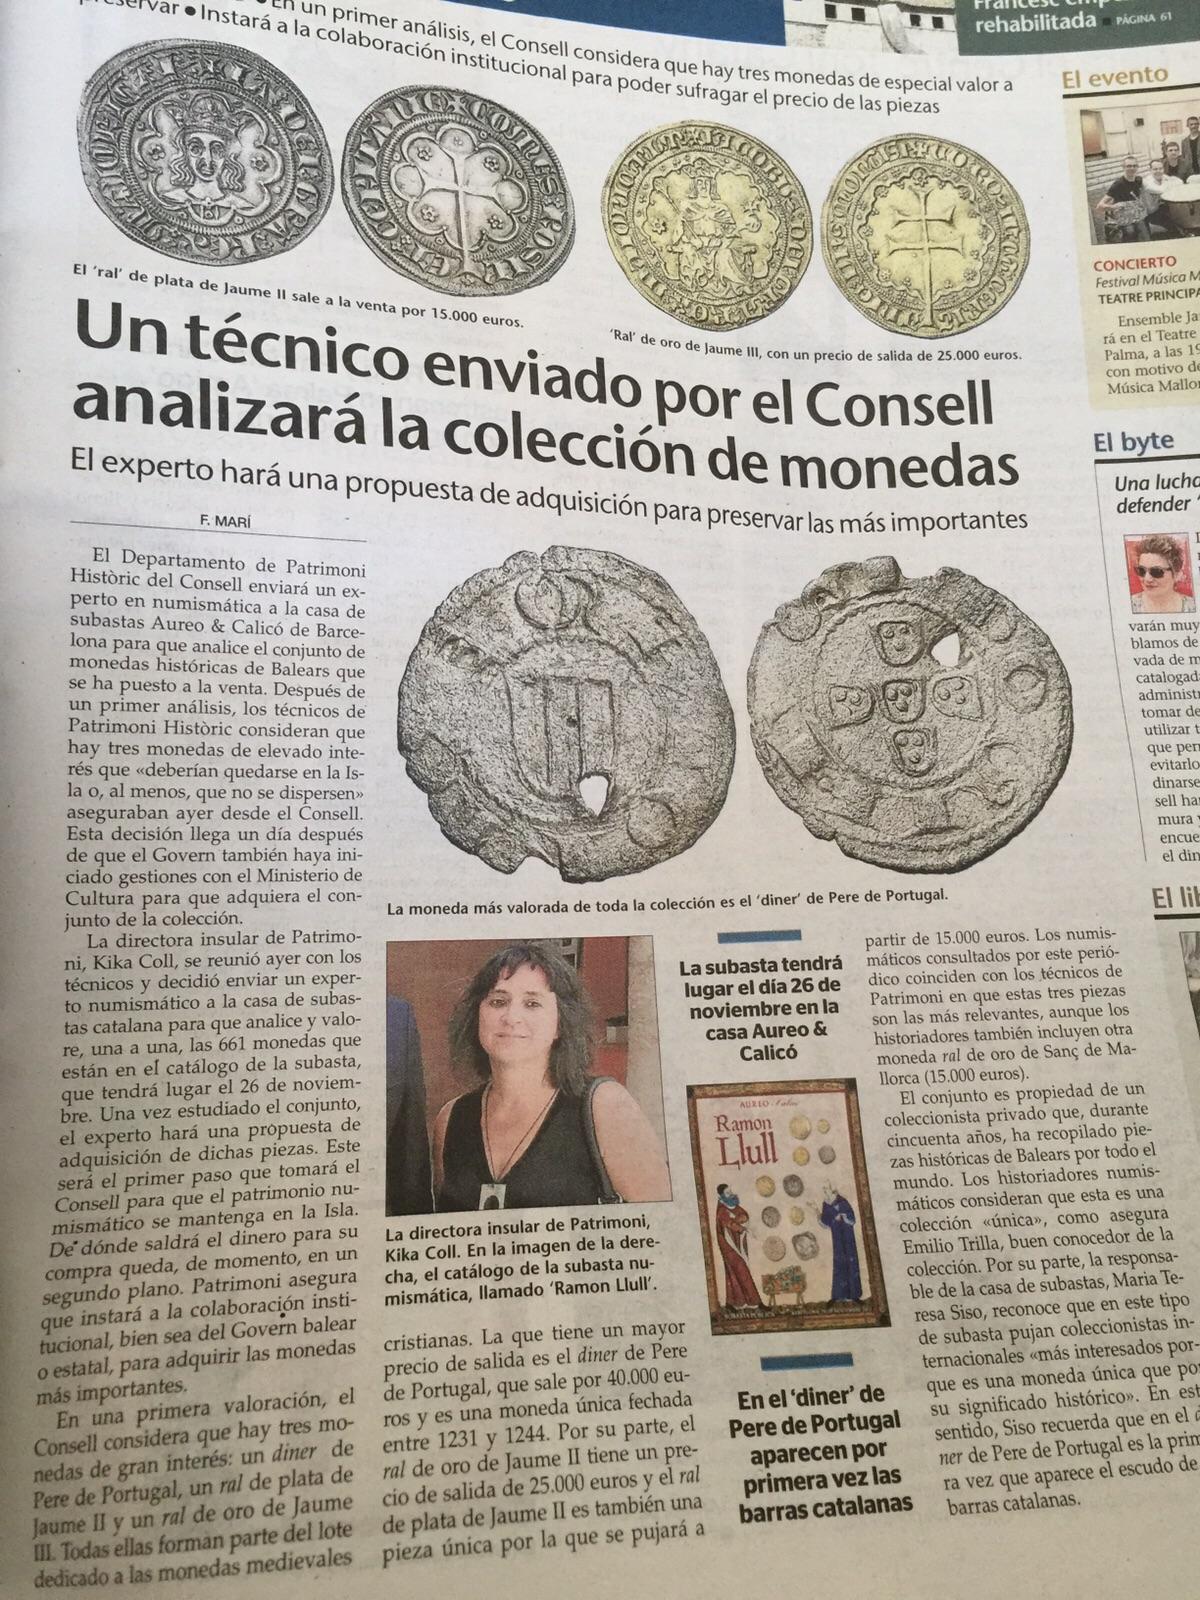 """Subasta Aureo y Calicó 26 de noviembre """"Ramón Llull"""" moneda mallorquina - Página 2 Image"""